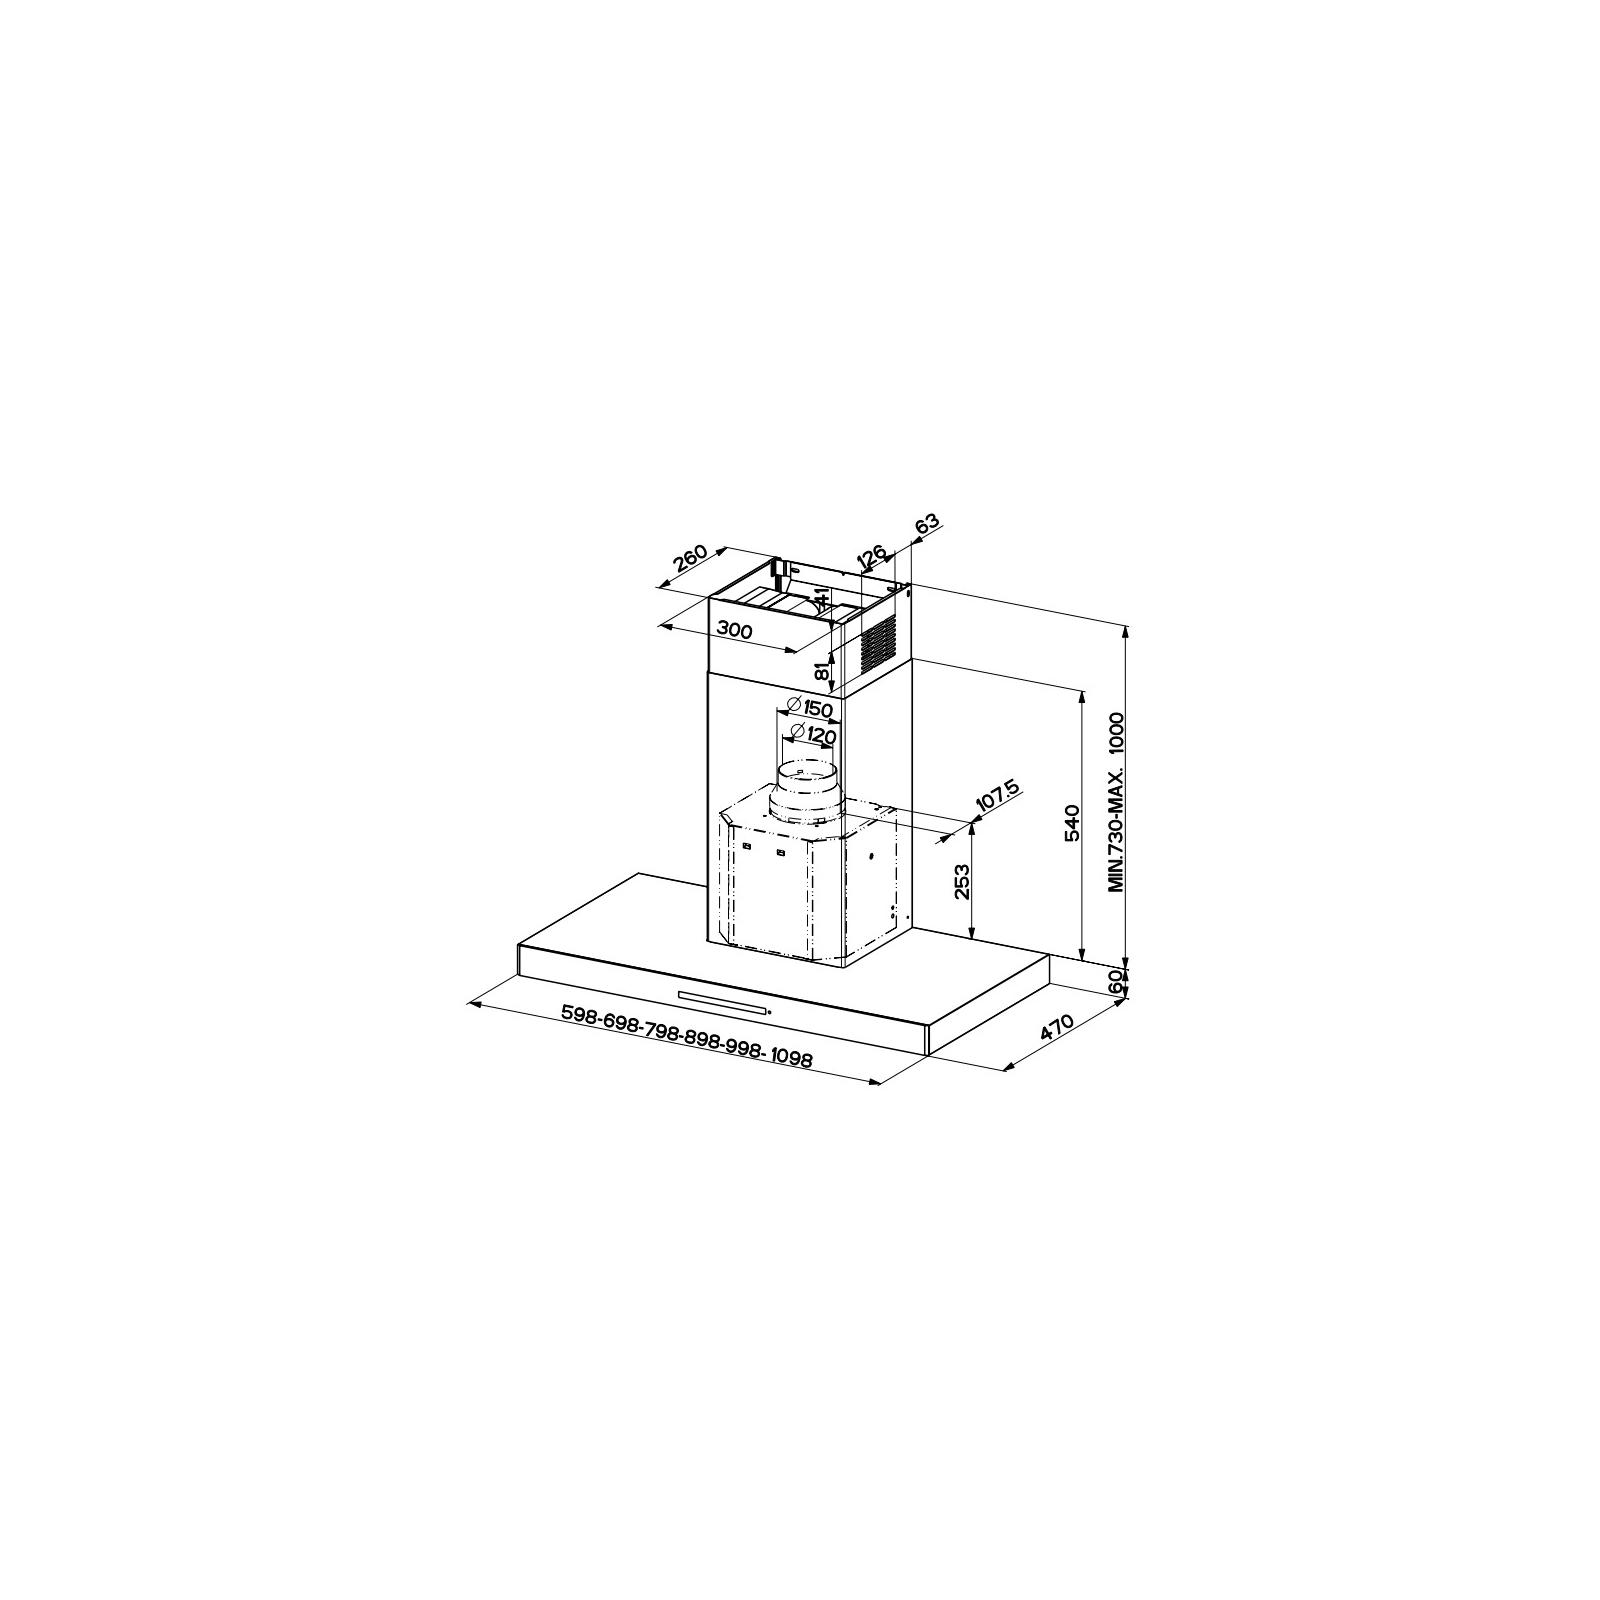 Вытяжка кухонная Faber STILO/SP EV8 X A90 (STILO/SPEV8XA90) изображение 2